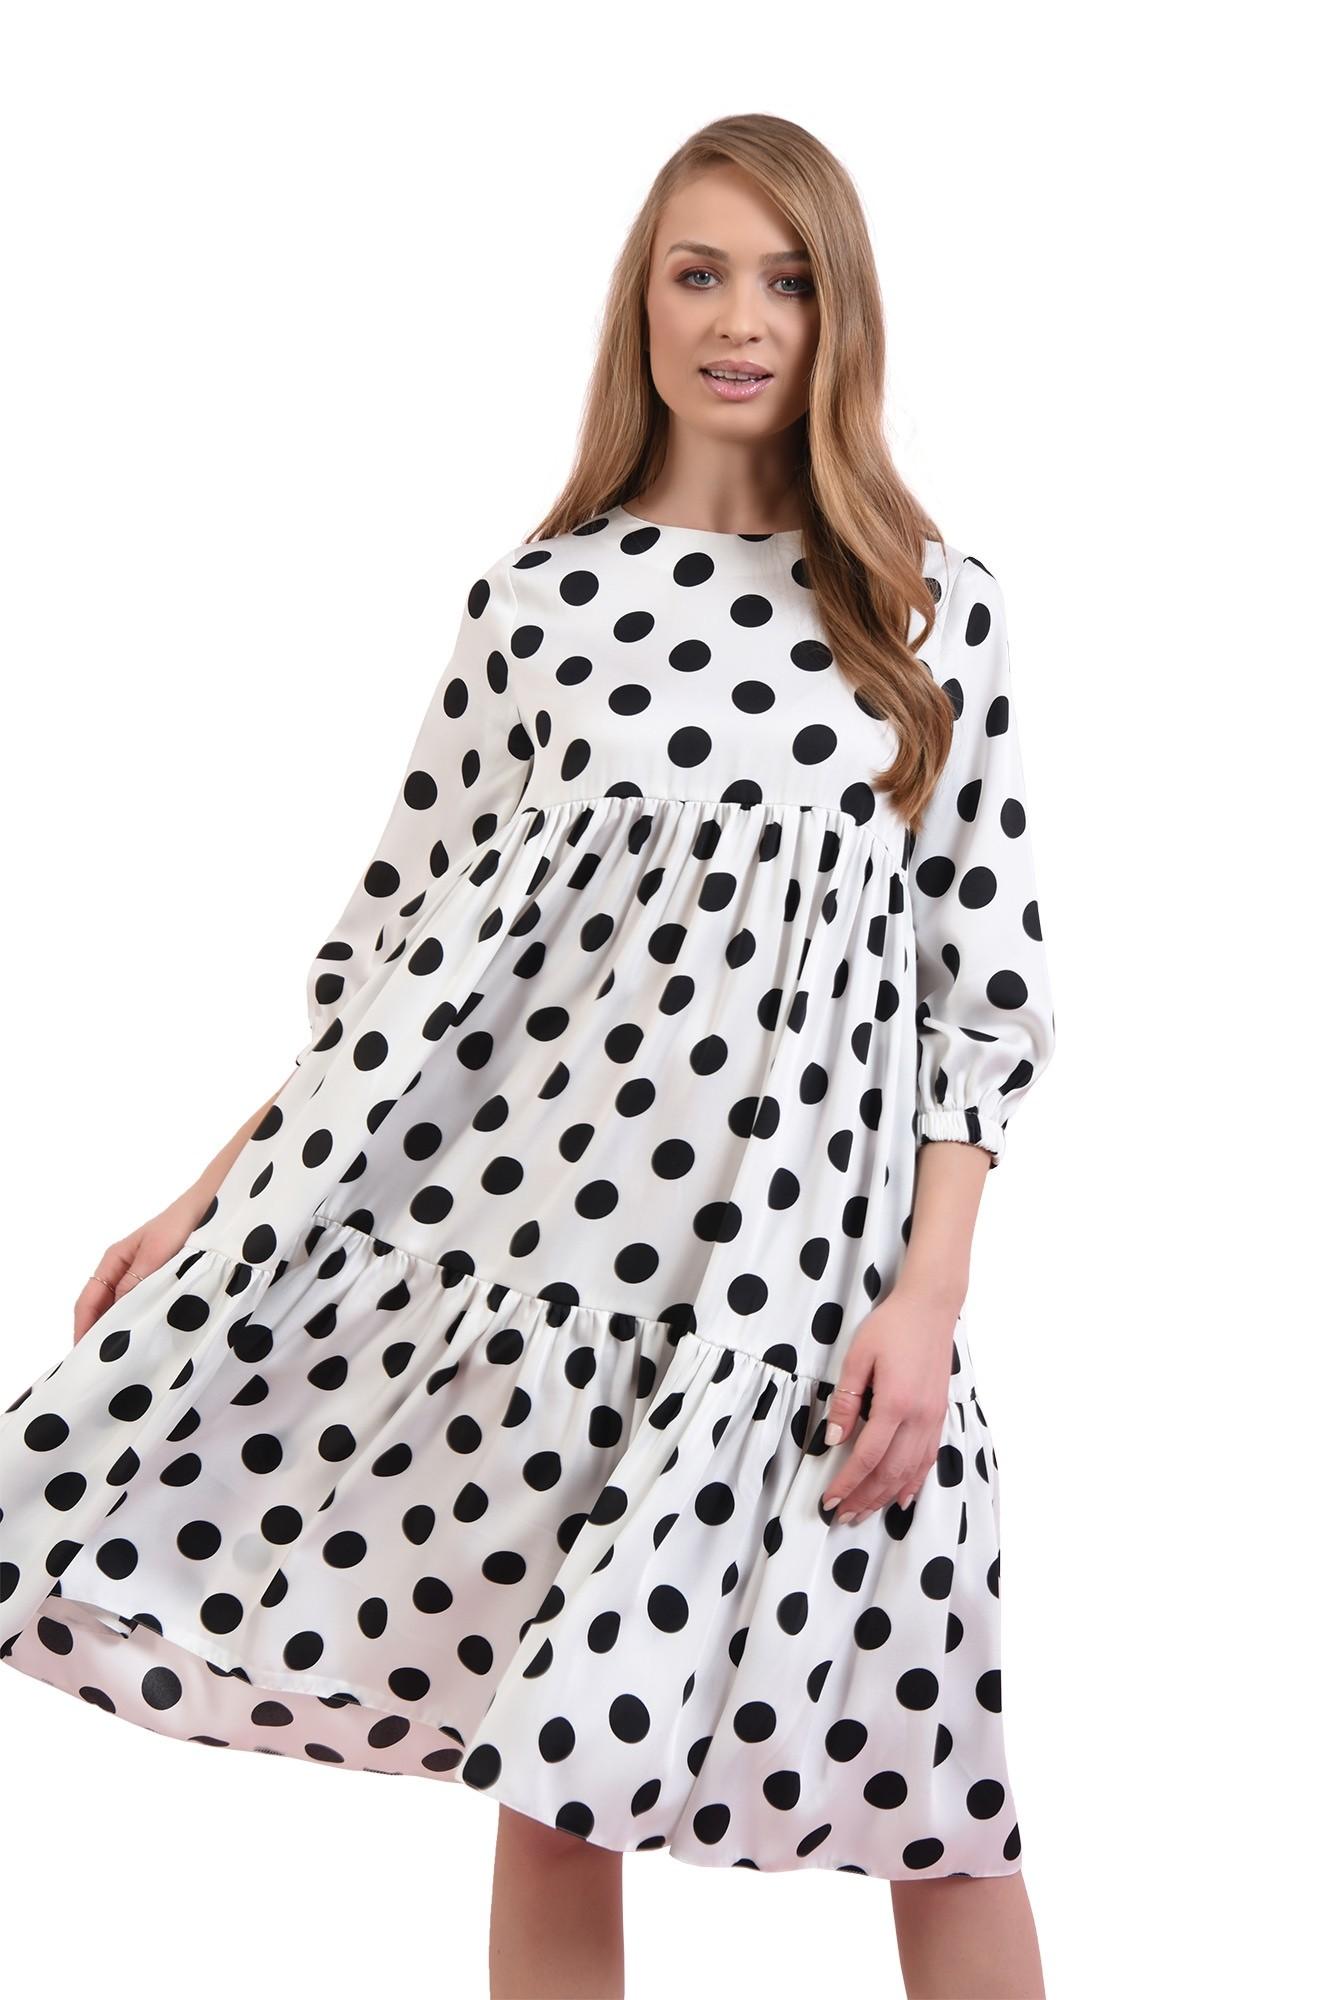 rochie alba, cu buline negre